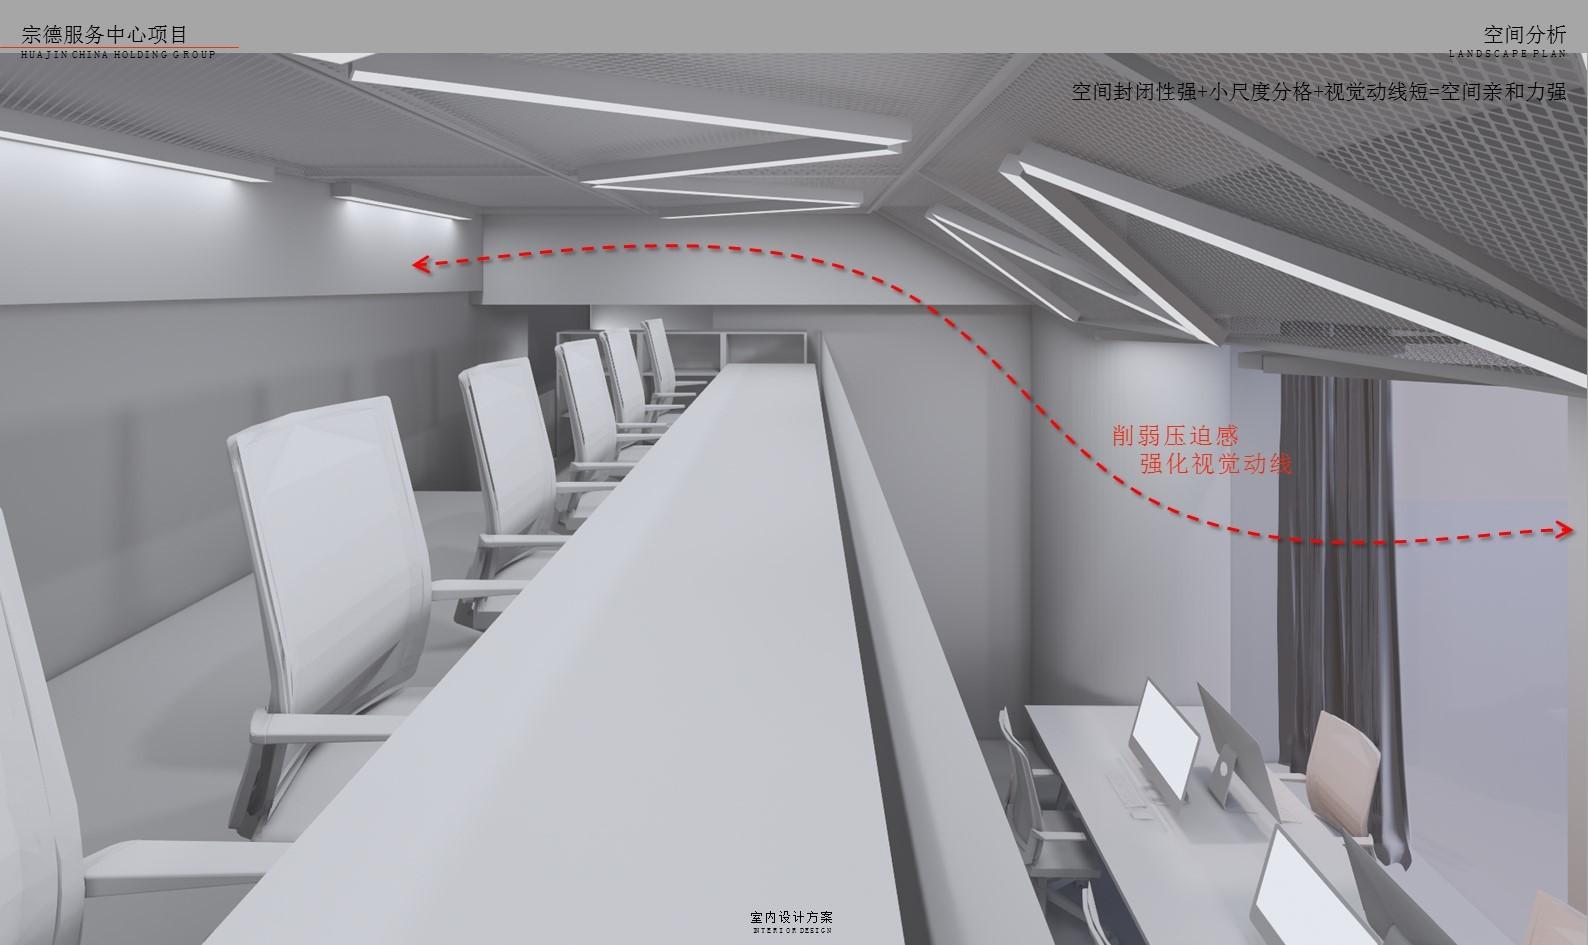 售樓部樣板間 軟裝改造插图(24)